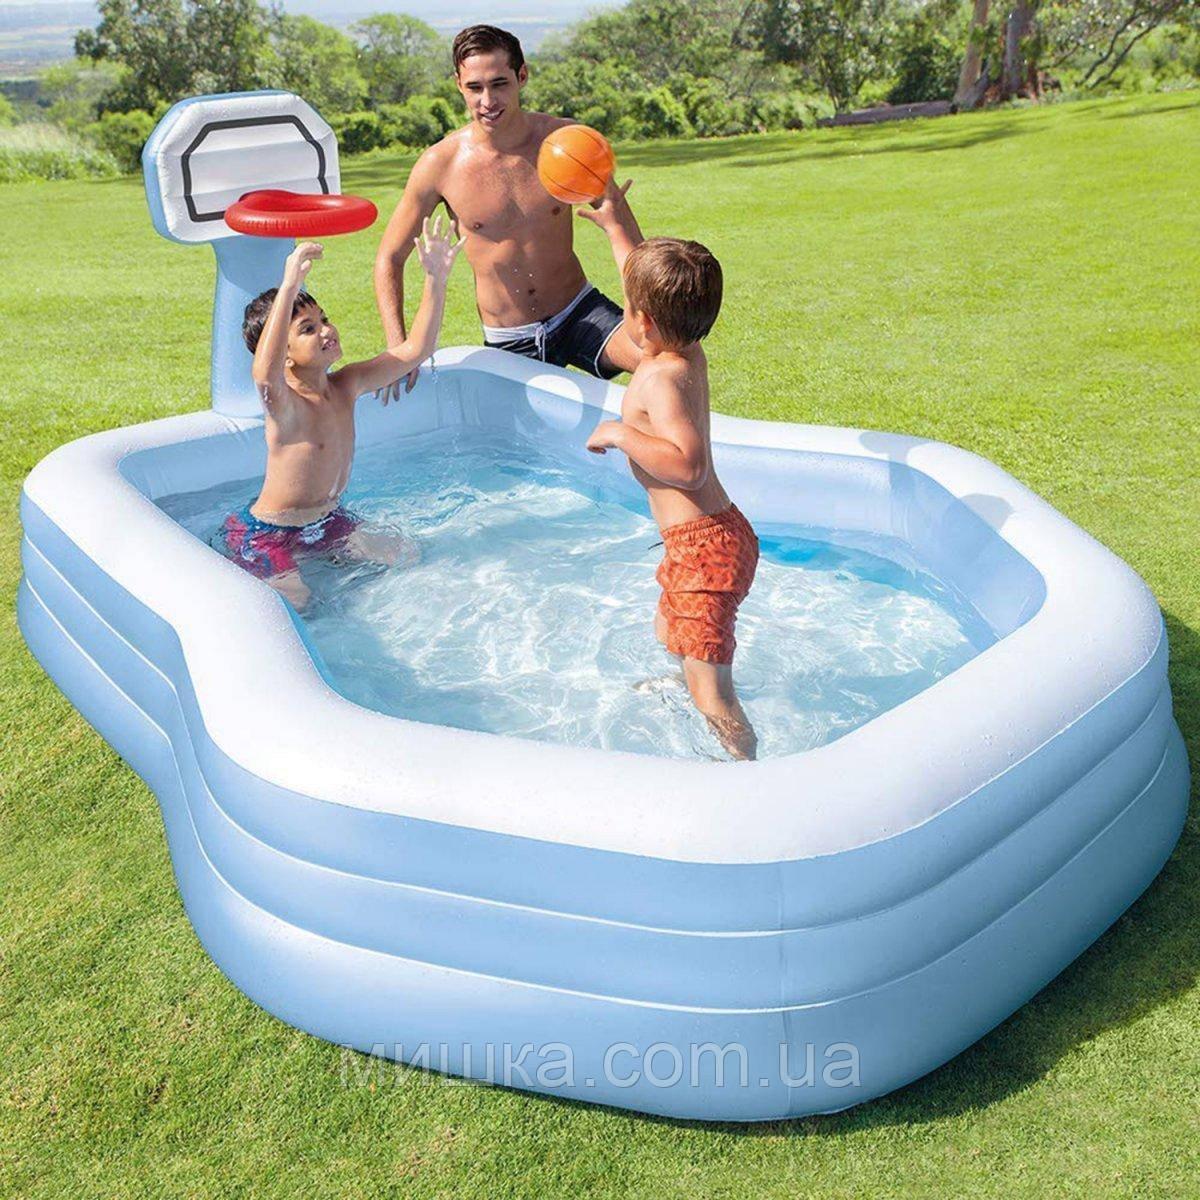 Дитячий надувний ігровий басейн з баскетбольним кільцем, 257*188*130 см, ІNTEX 57183